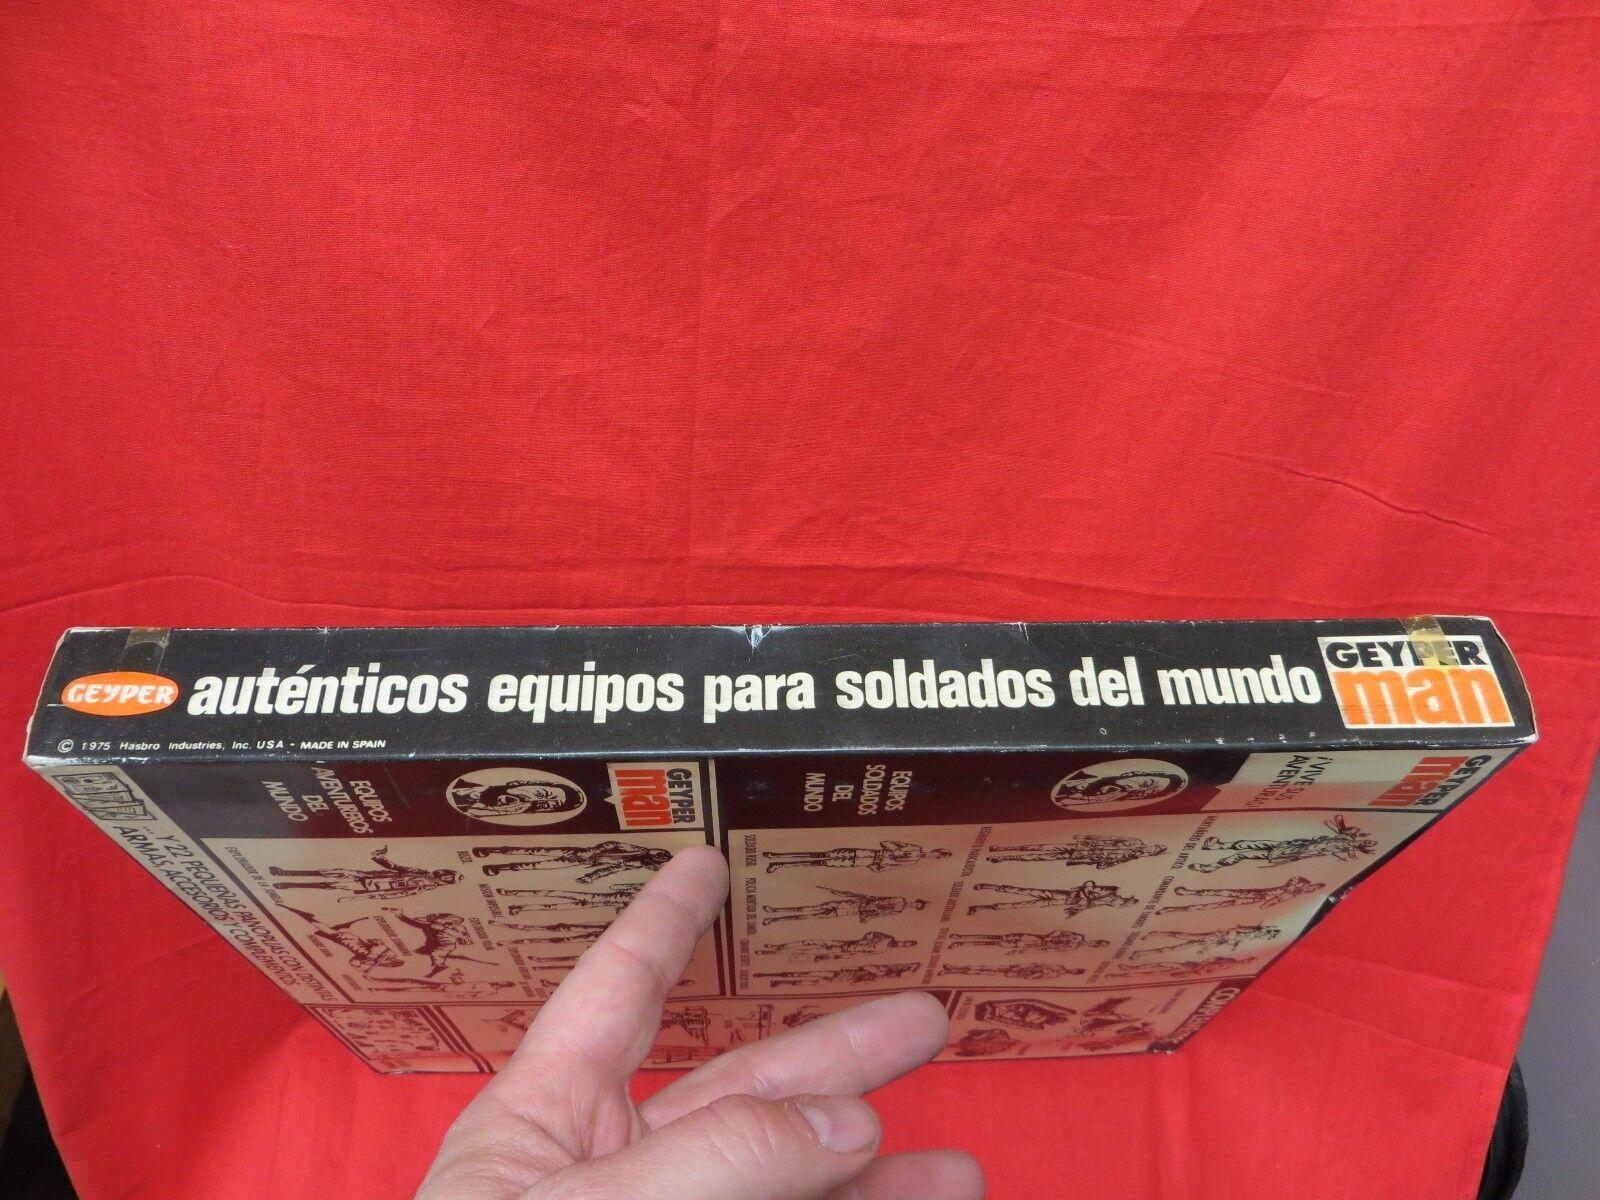 1964 VINTAGE GI JOE GEYPERMAN  JOEZETA JOEZETA JOEZETA   1975  SOLDADOS DEL MUNDO    BOXED 2c9f04